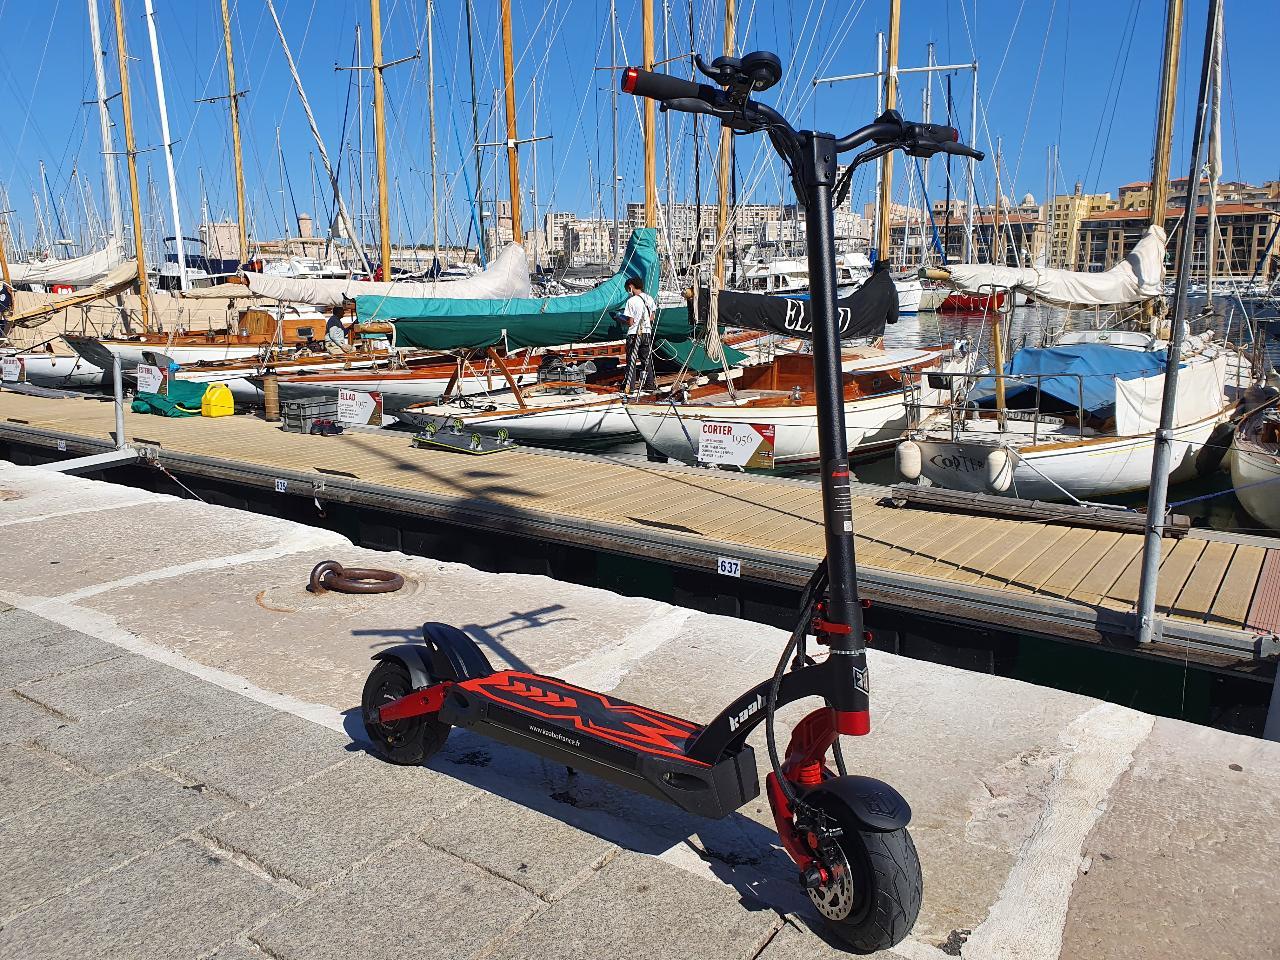 """Location trottinette électrique """"Sensations"""" - (1hr-8hr) - Marseille - E-scooter """"Sensations"""" rental"""